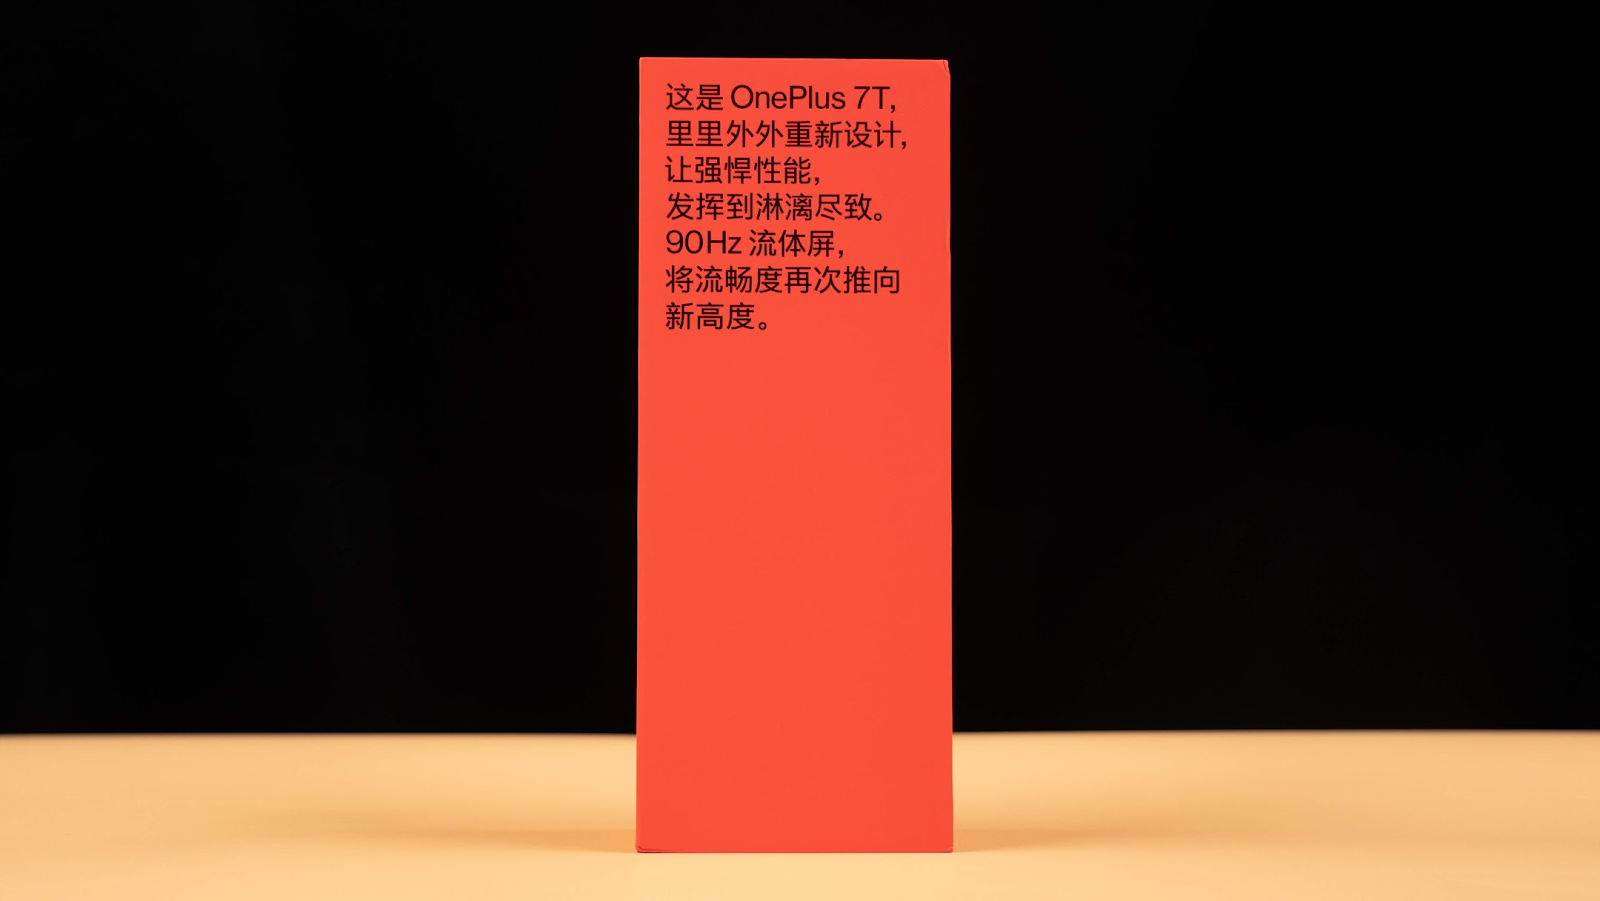 開箱在京東買的一加 OnePlus 7T!該怎麼安裝 Google、刷氧OS? - 1